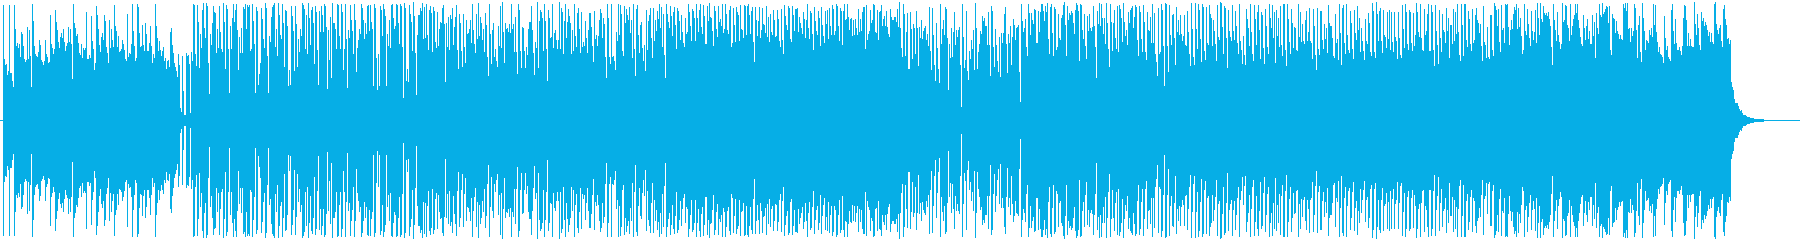 明るくキュートなエレクトロポップ♫の再生済みの波形